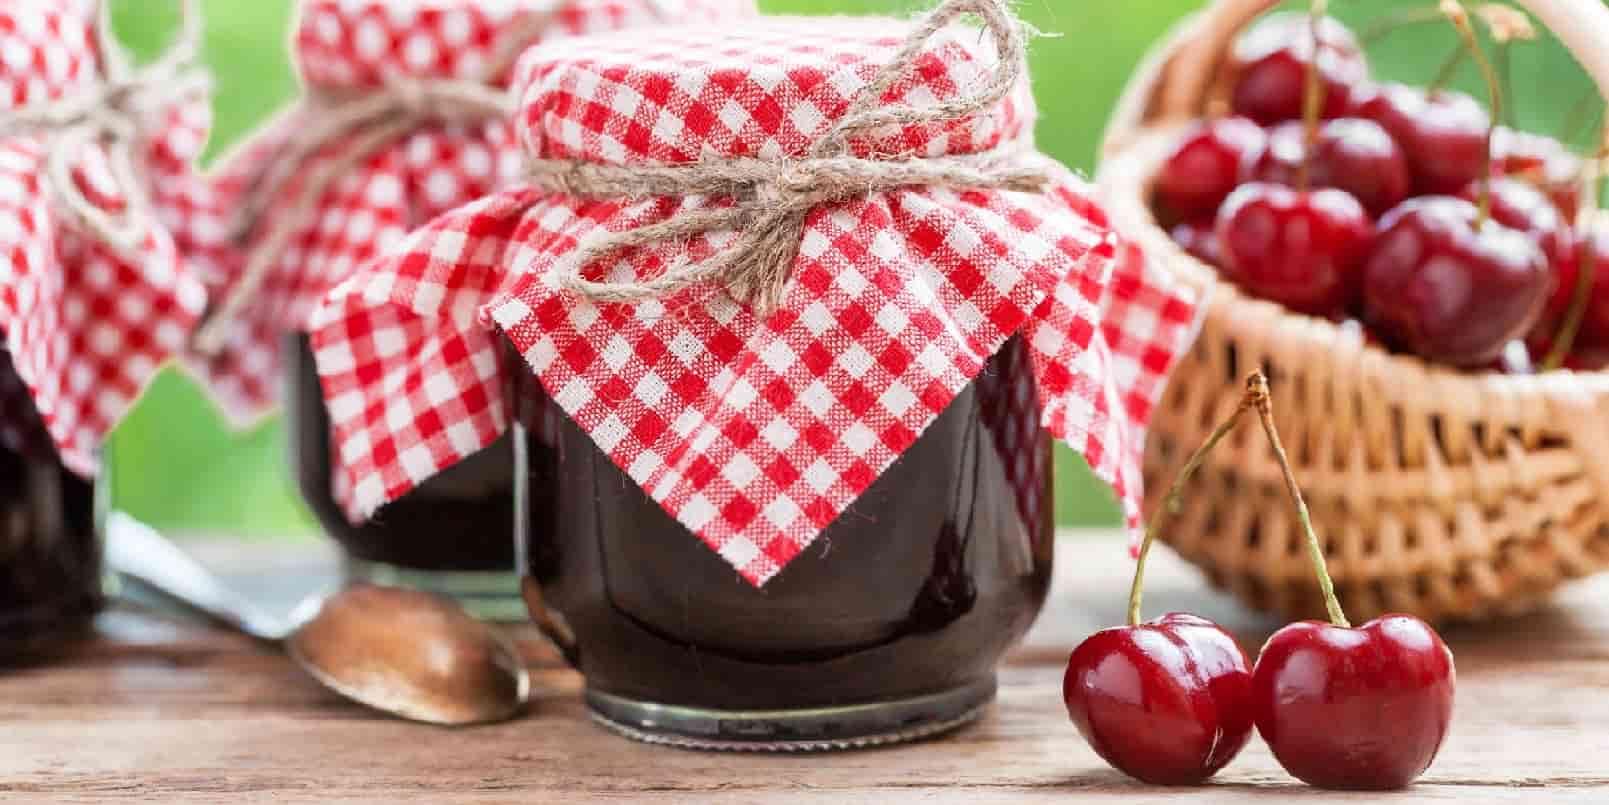 Сколько сахару на 1 кг вишни